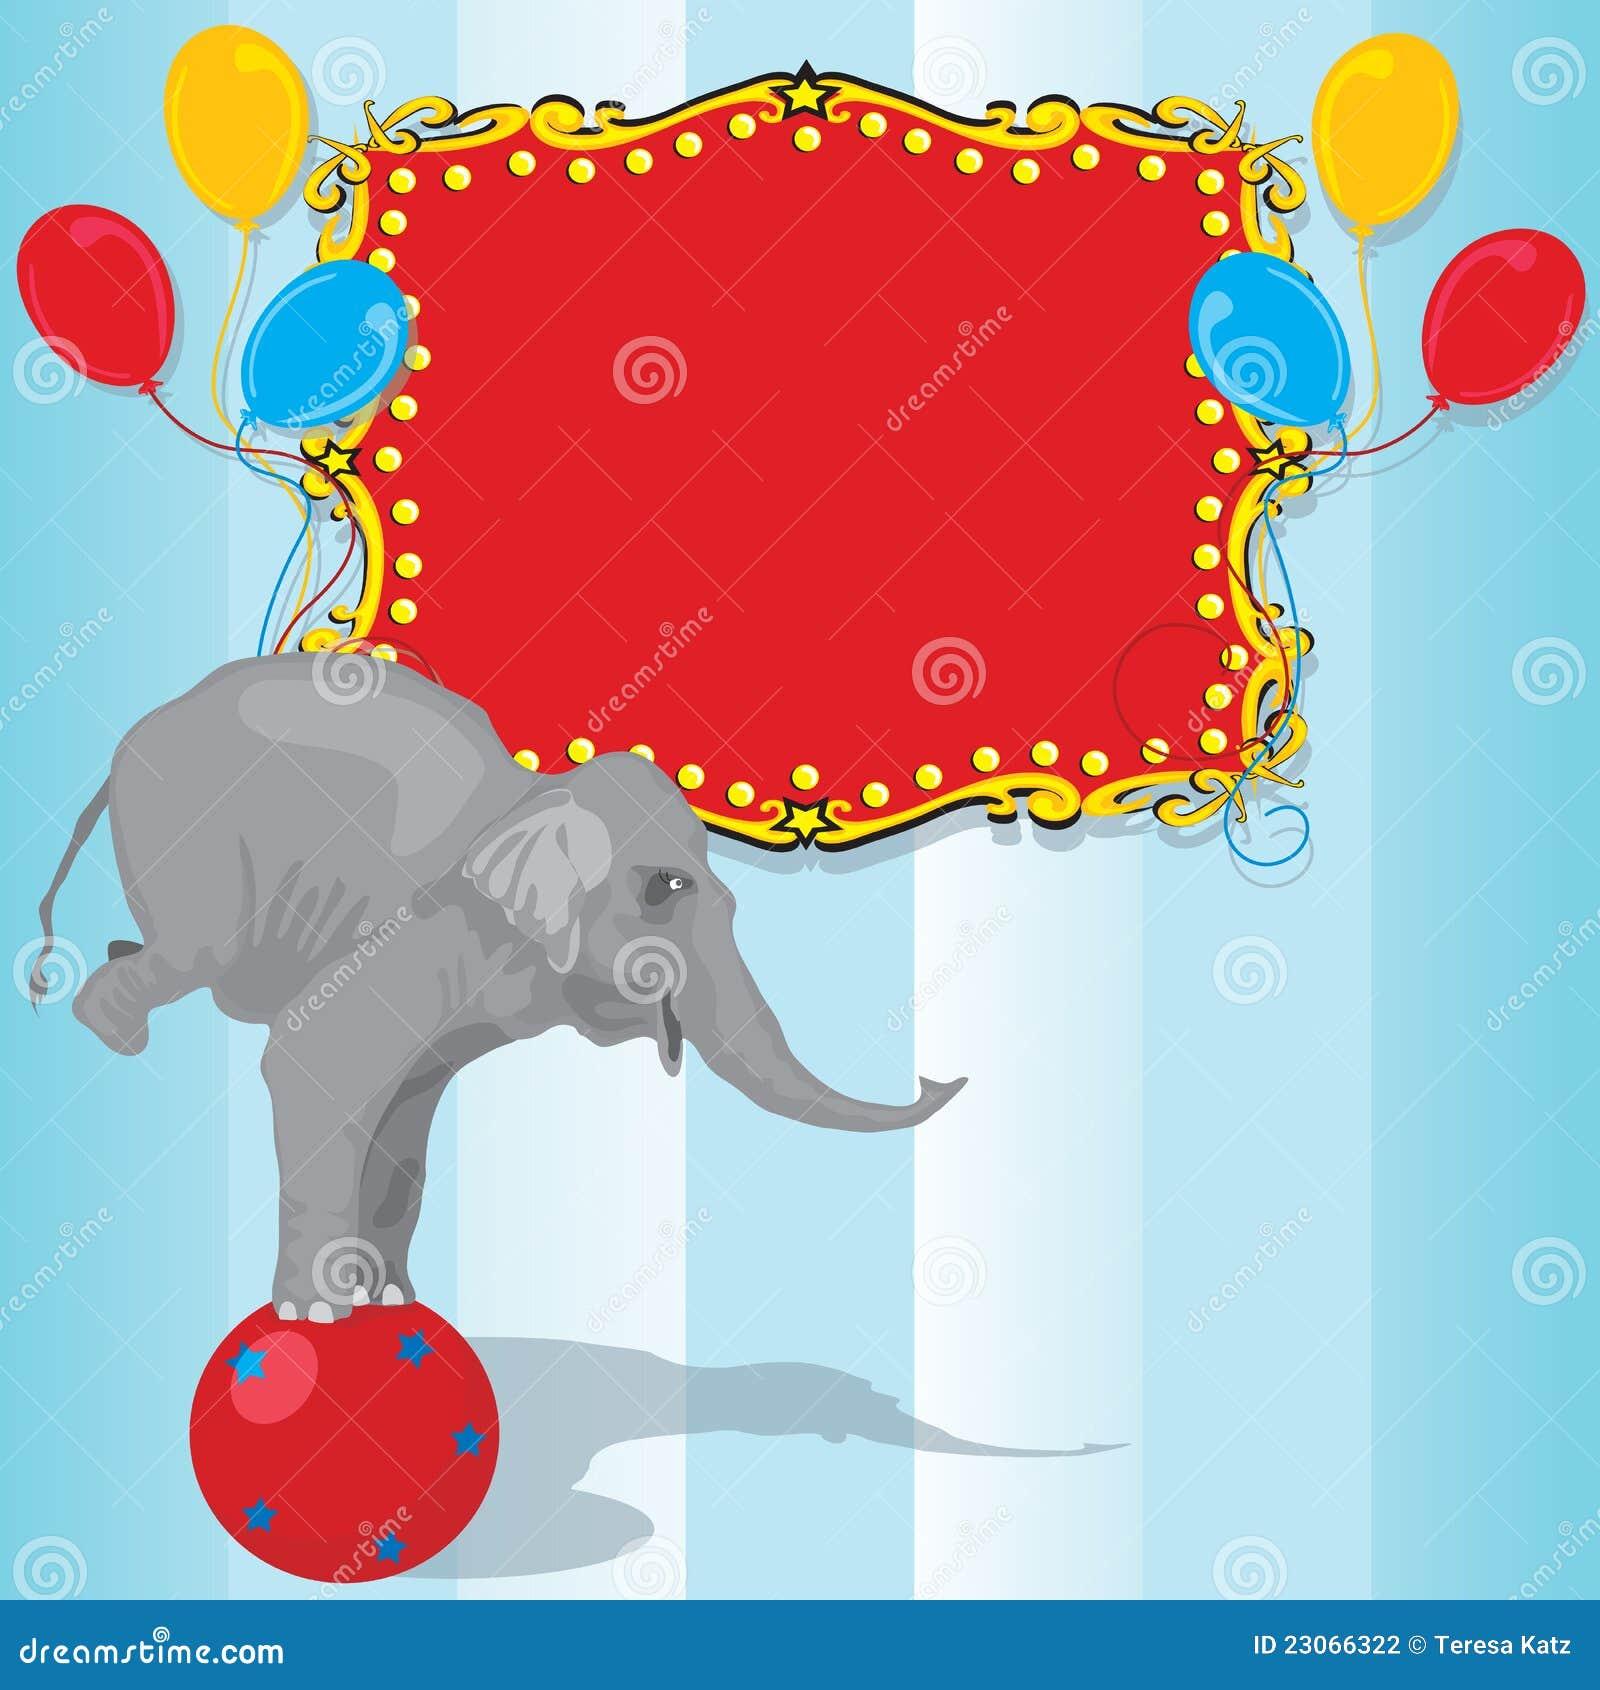 De Kaart Van De Uitnodiging Van De Partij Van De Verjaardag Van De Olifant Van Het Circus Vector ...